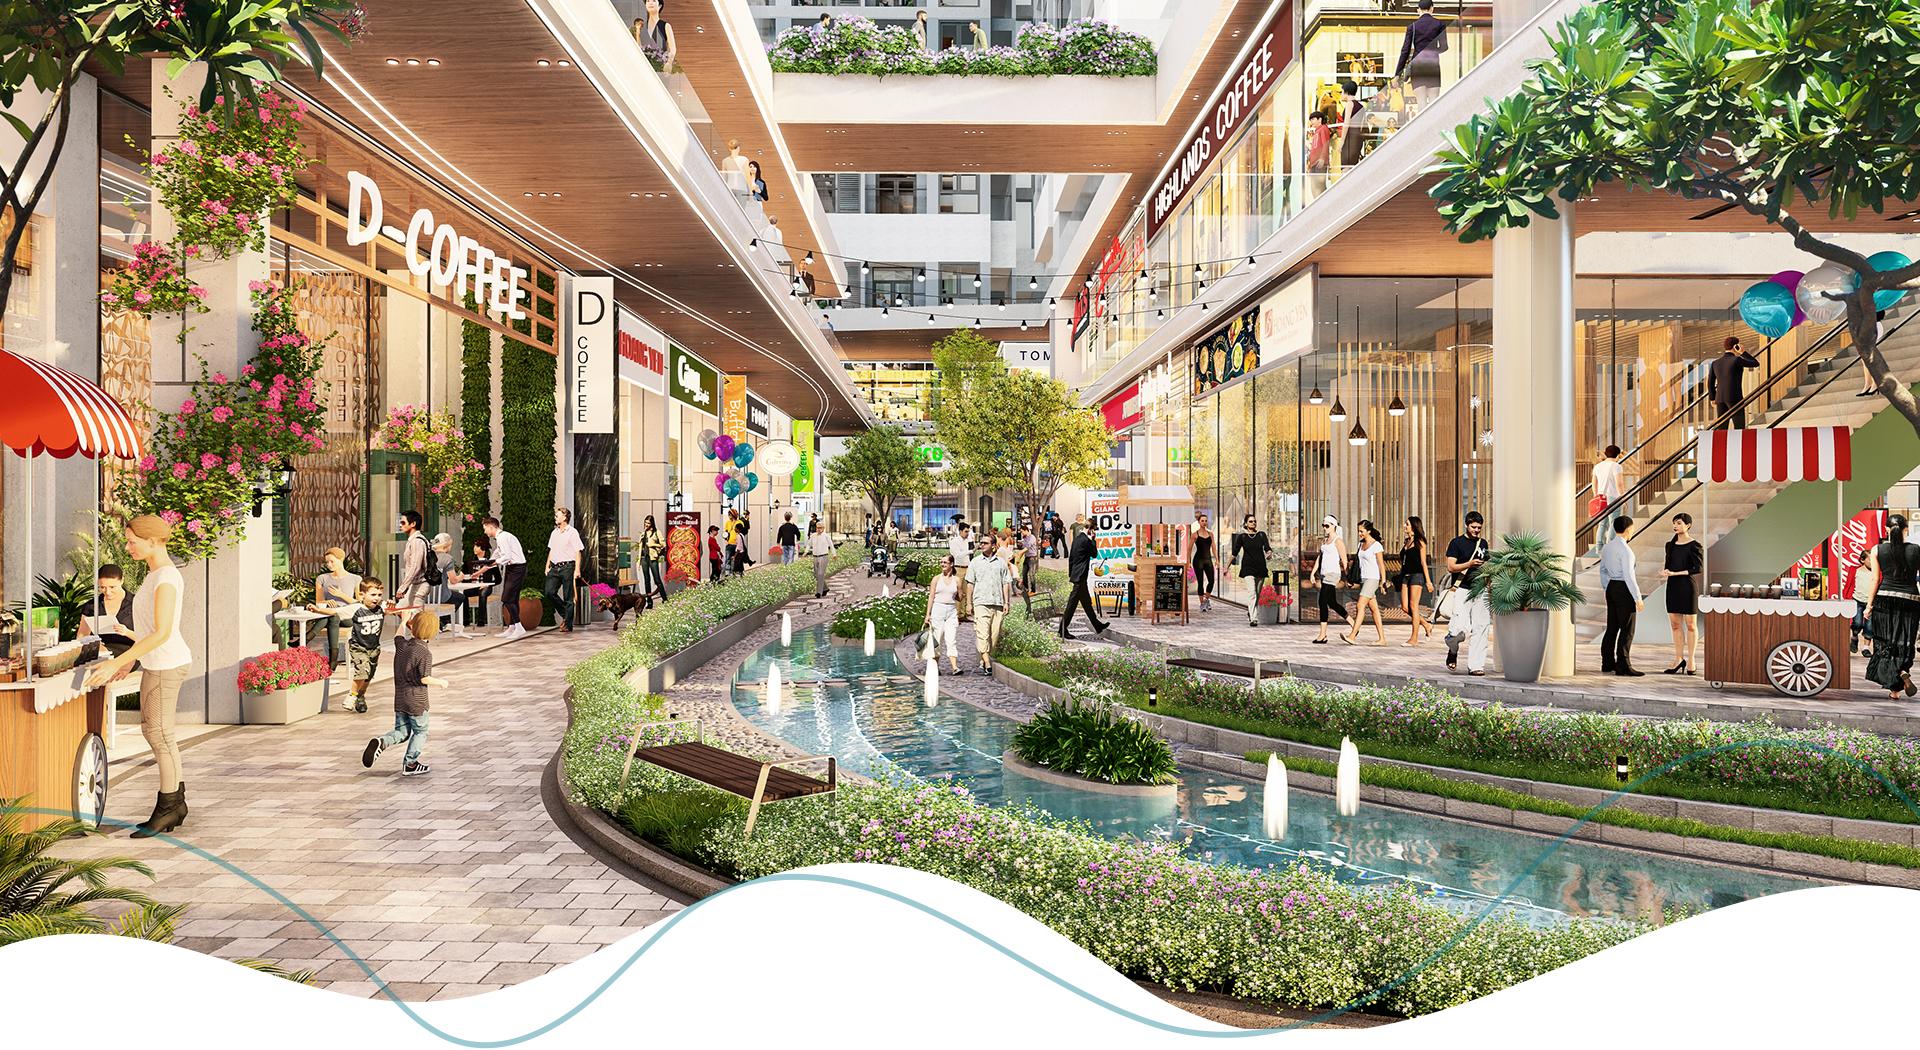 Phố thương mại 'một điểm đến' tạo sức hút cho dự án căn hộ 5